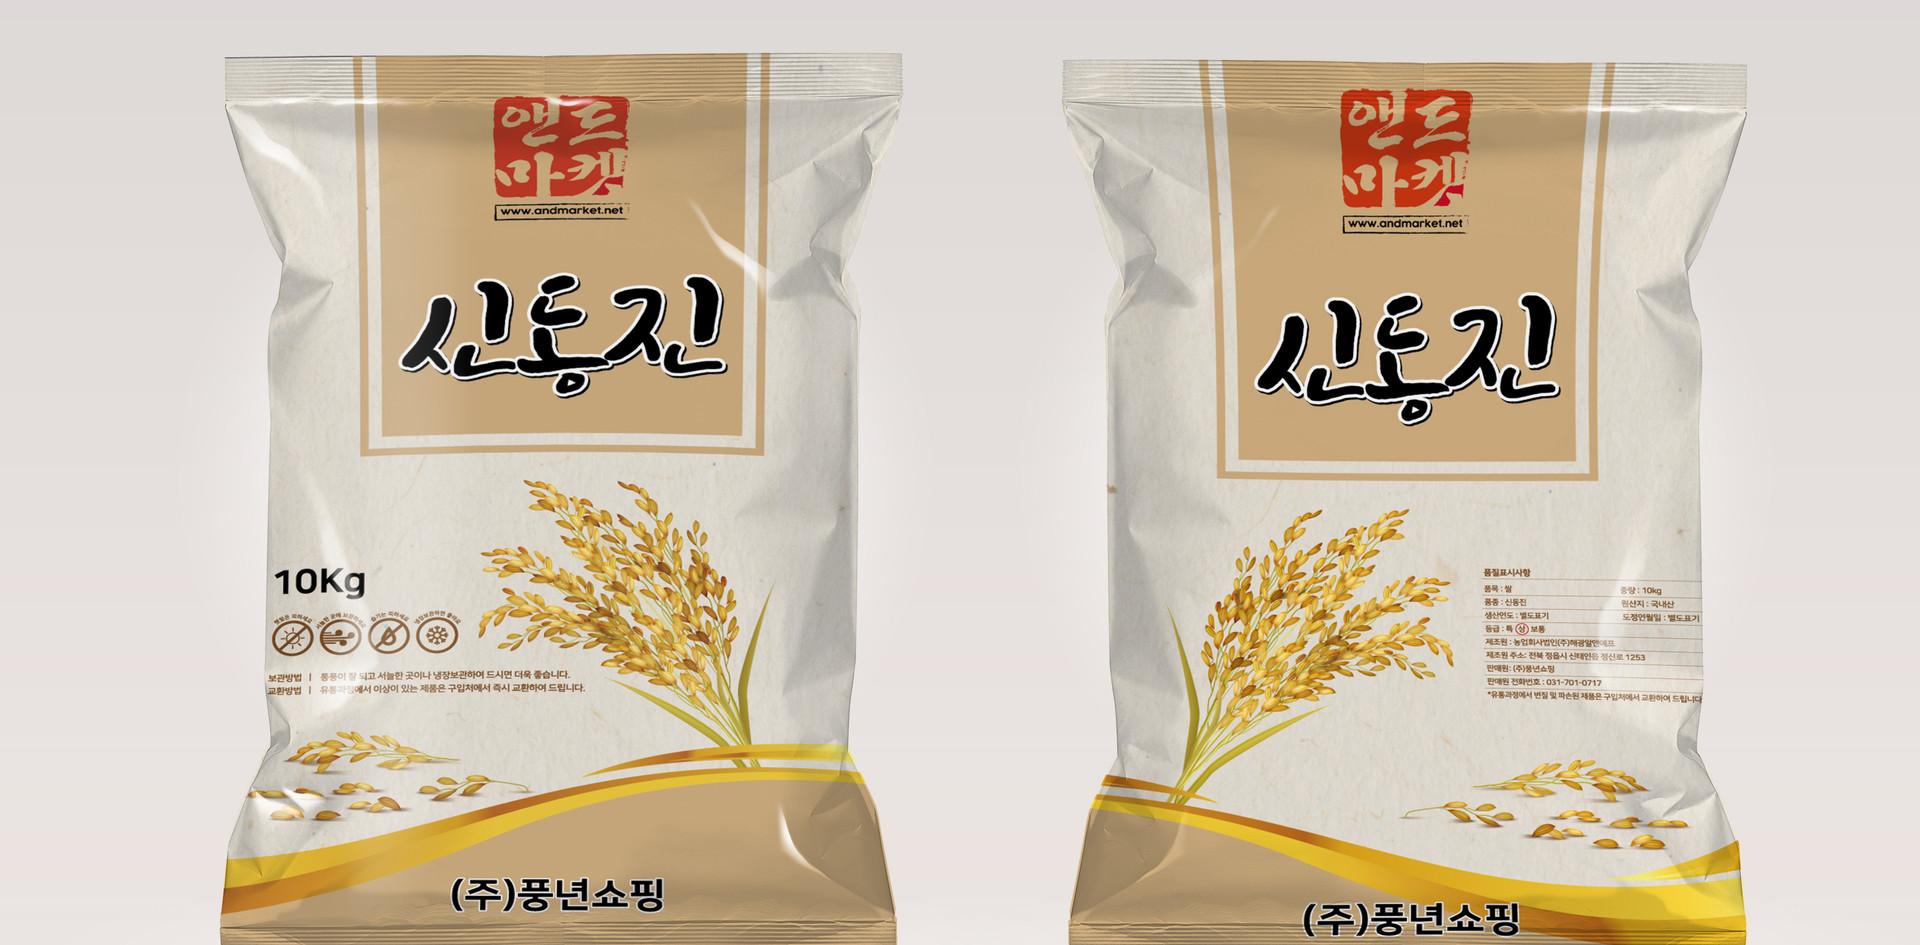 앤드마켓_쌀지대 디자인.jpg